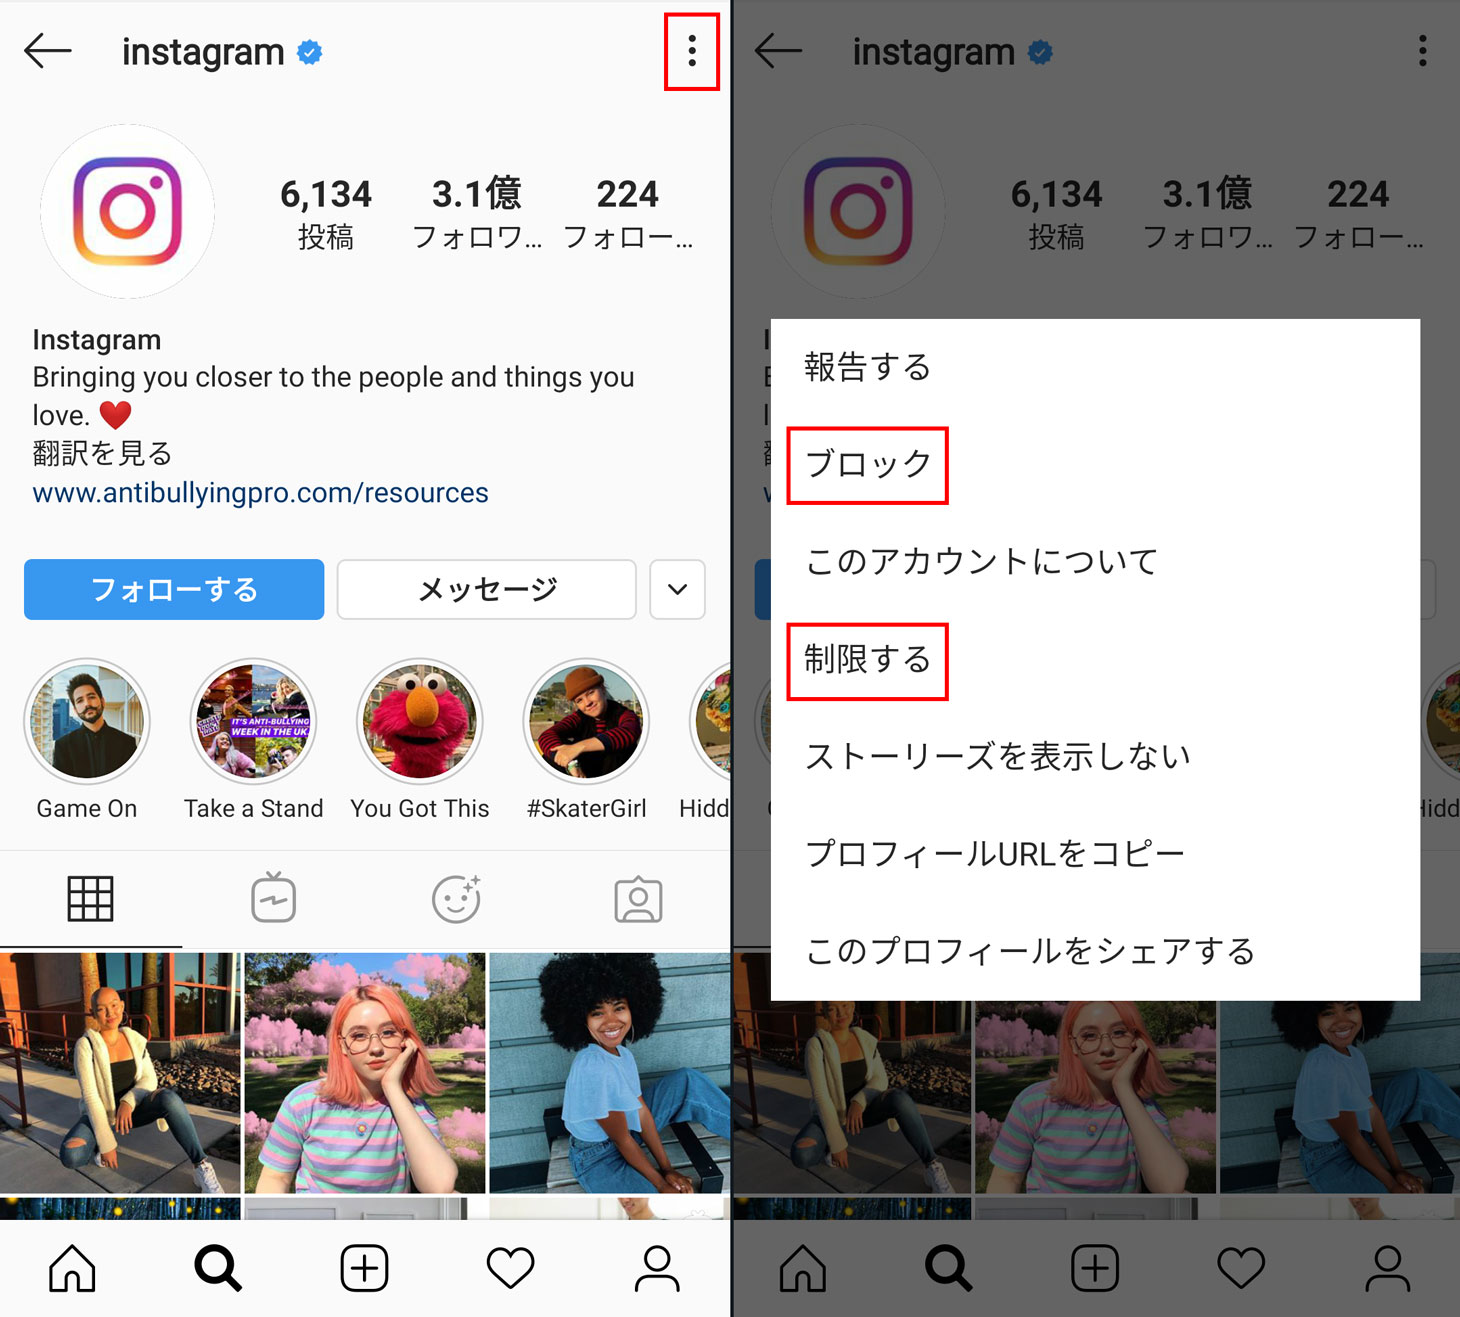 Instagramアカウントへのアクセスをブロックまたは制限する方法